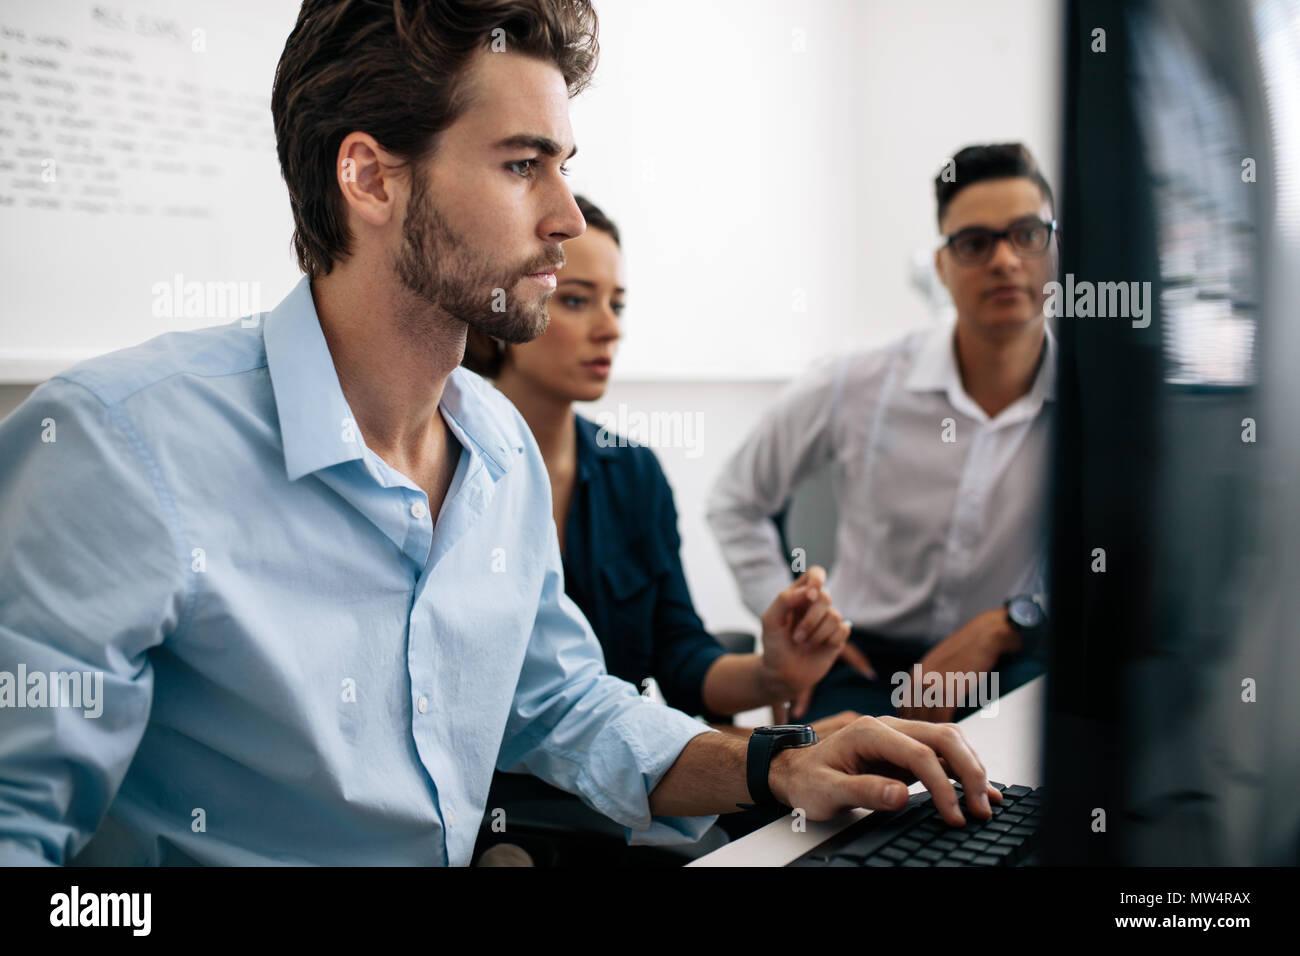 Los desarrolladores de software sentado delante del ordenador y el trabajo en la oficina. Dos hombres y una mujer mirando su equipo y el desarrollo de aplicaciones de Office. Imagen De Stock